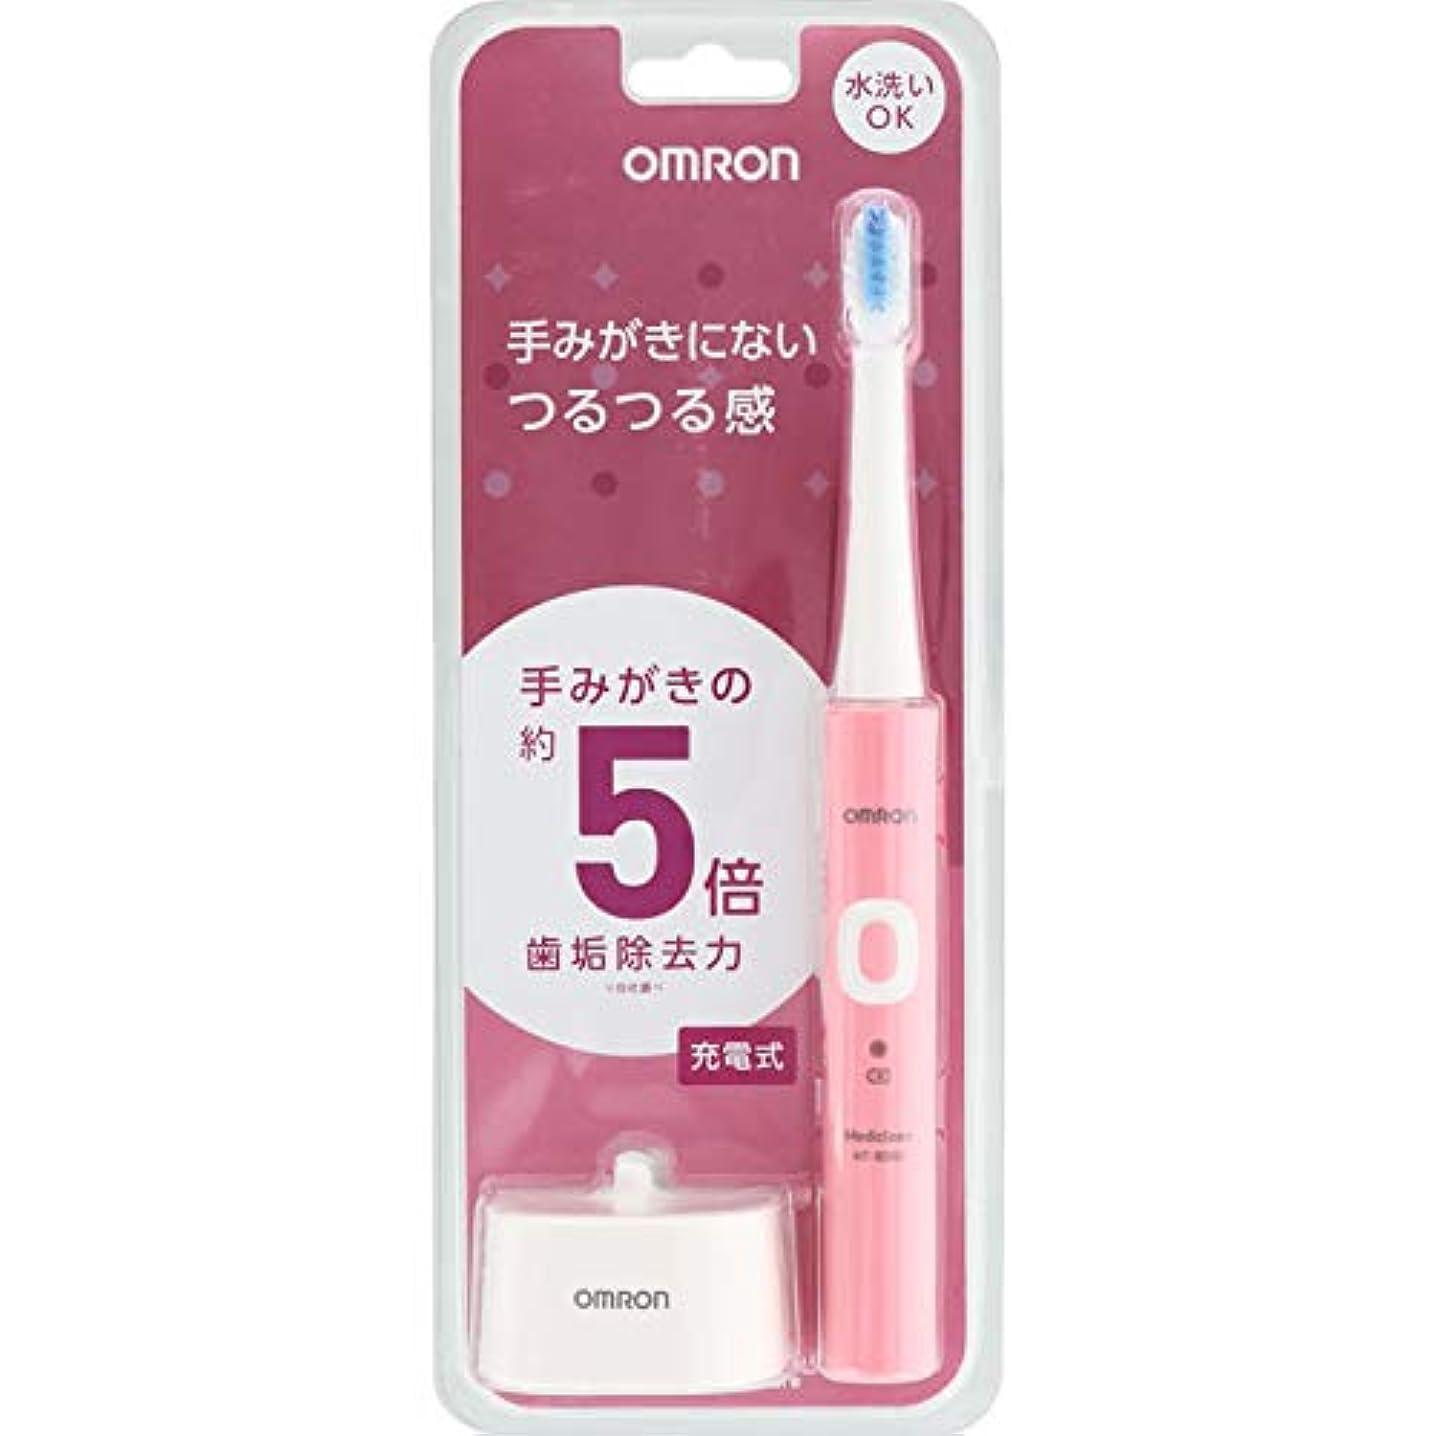 【8個セット】音波式電動歯ブラシ HT-B303-PK 充電式